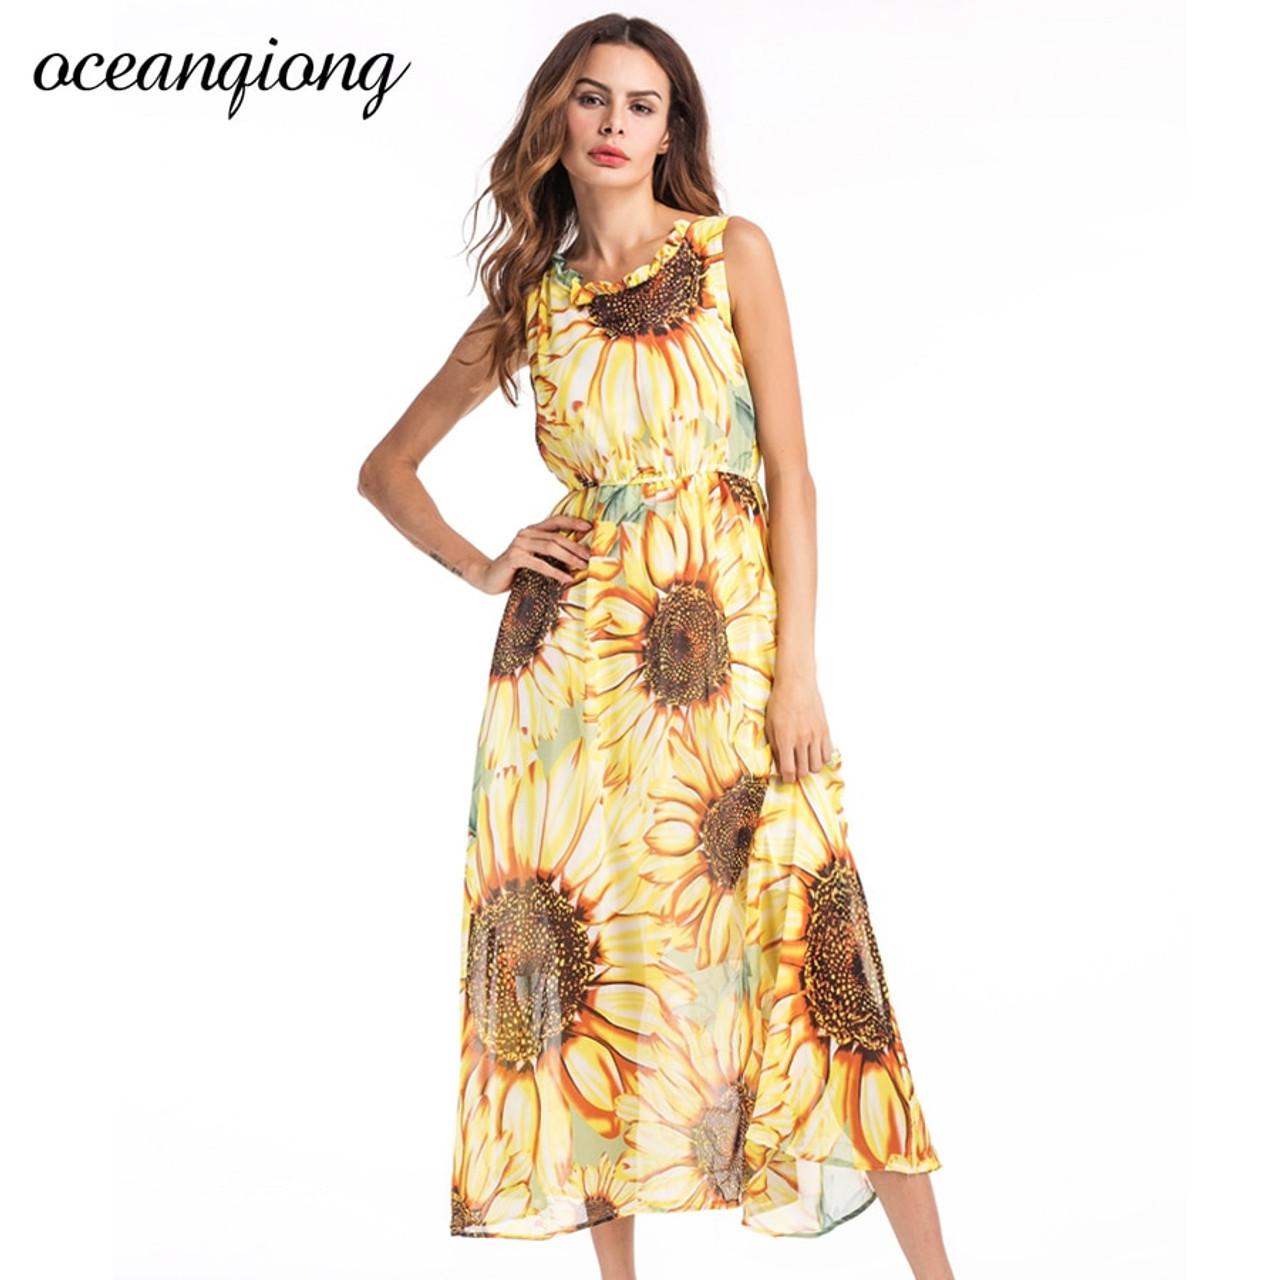 084b40ebeae9 ... Vestidos Women Chiffon Beach Dresses Women Sexy Long Floral Dress 2018  Summer Women Bohemian Dress Beach ...